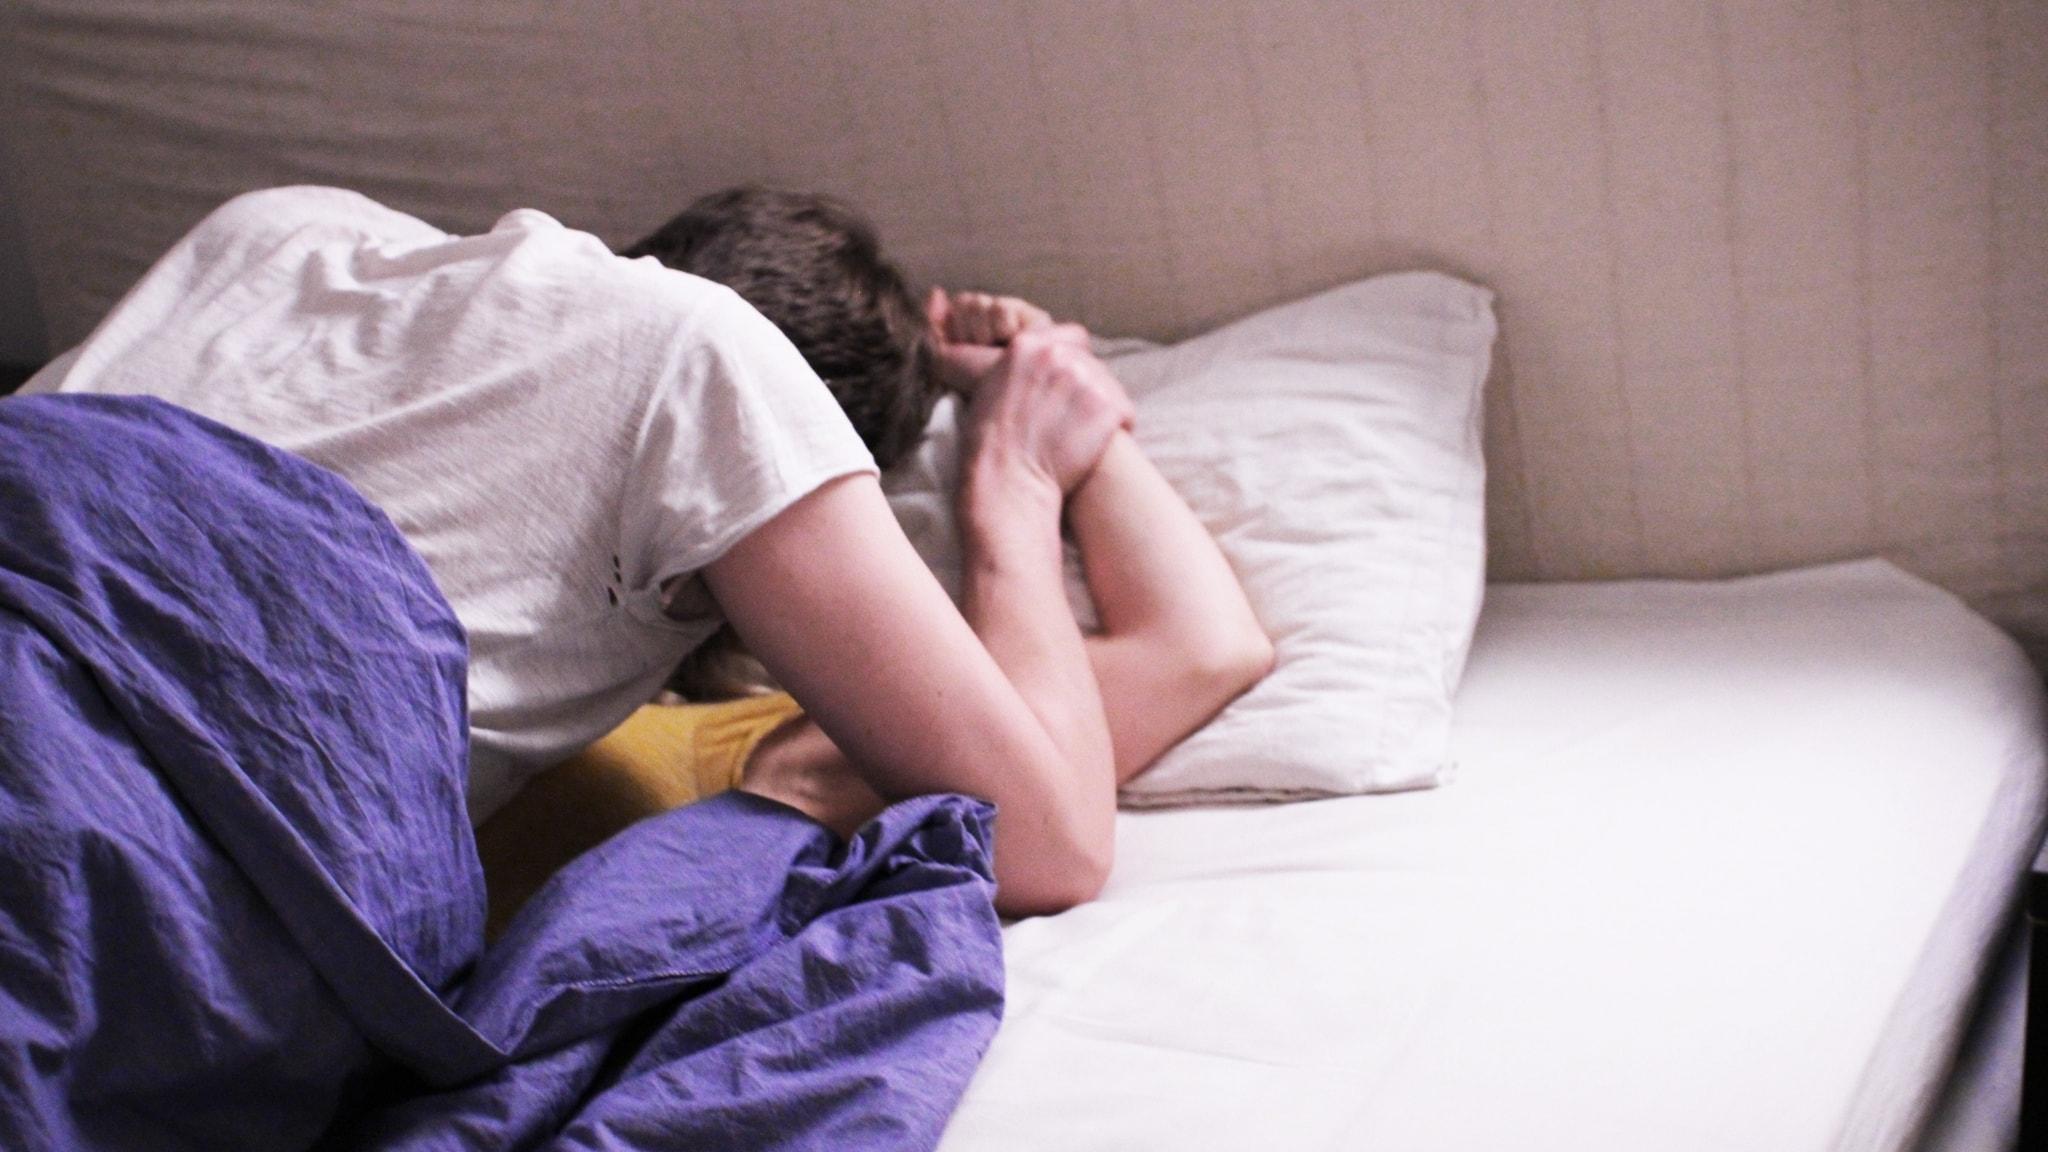 Våldtäktsanklagade hävdar sällsynt diagnos - frias för att de kanske sov